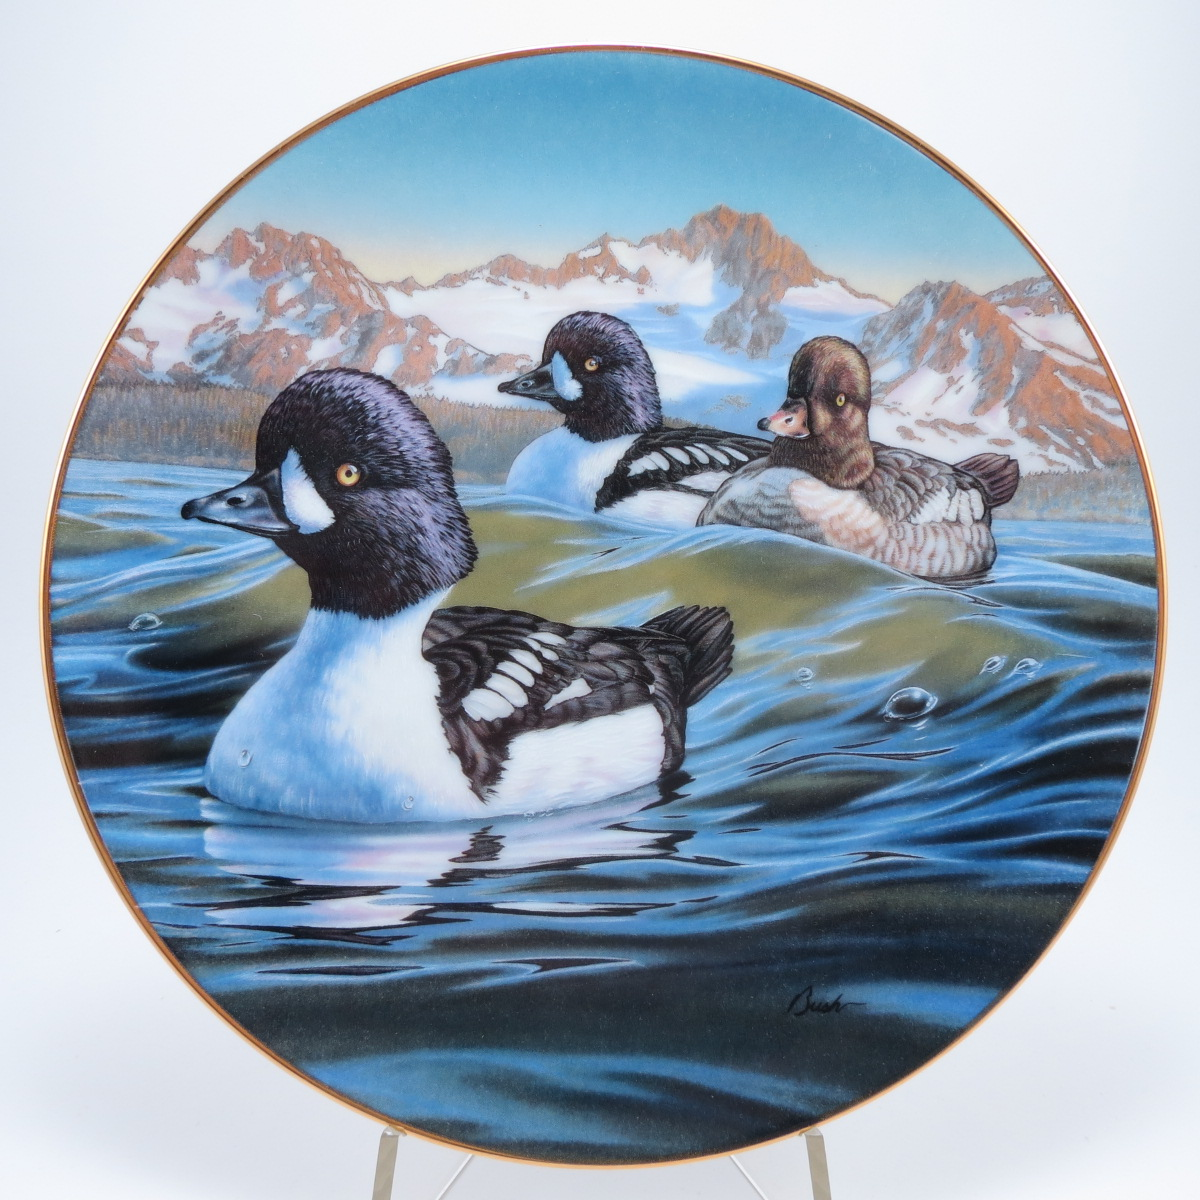 """Декоративная коллекционная тарелка """"Птицы Севера: Отправление. Исландский Гоголь"""". Фарфор, деколь, золочение. Канада, Dominion China, Даррелл Буш, 1991"""